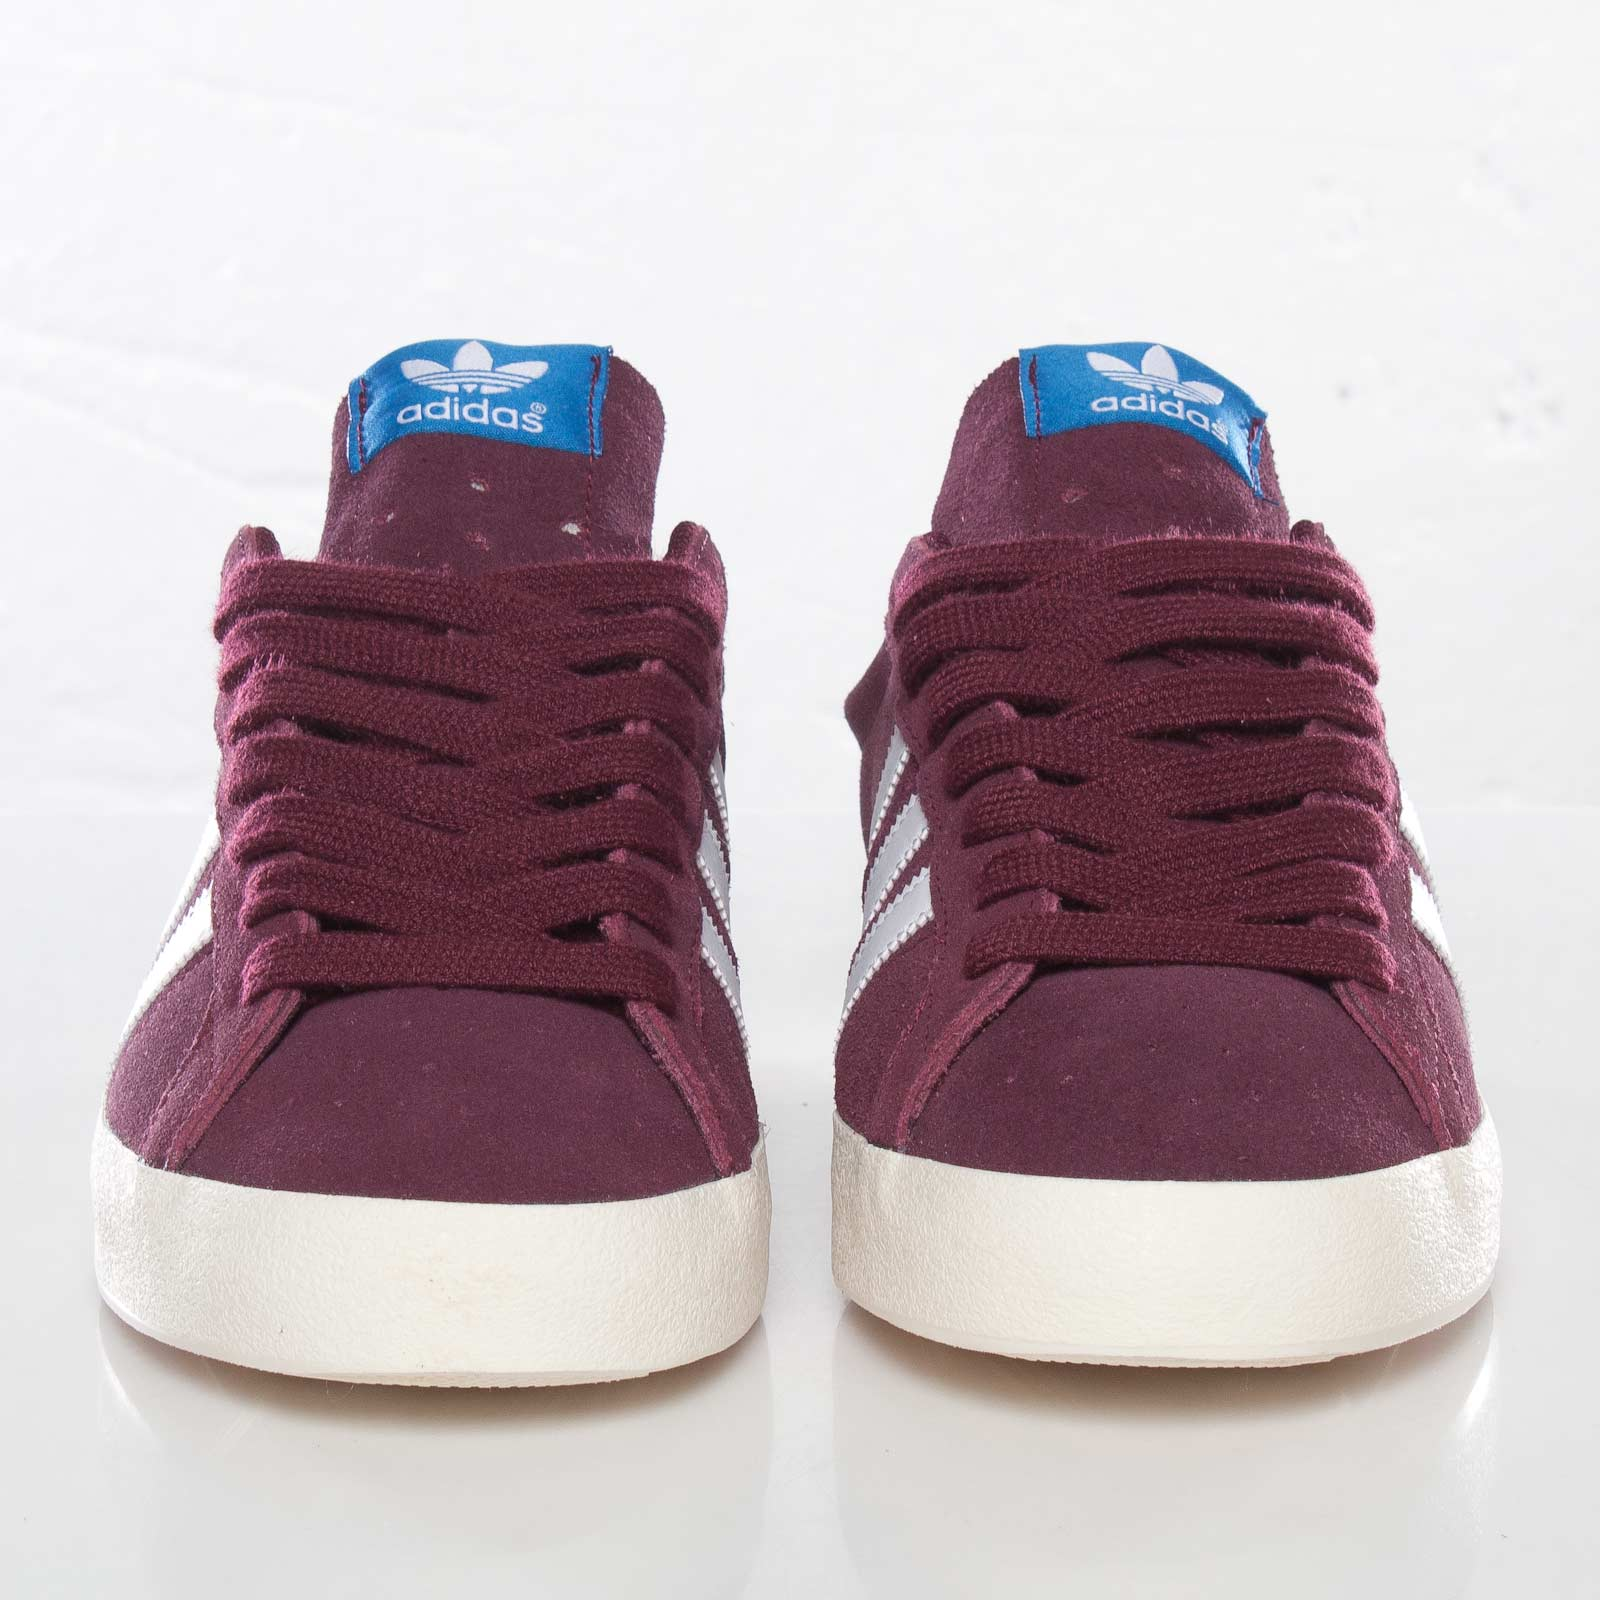 site réputé f39d2 a45e9 adidas Basket Profi Lo - G95485 - Sneakersnstuff | sneakers ...